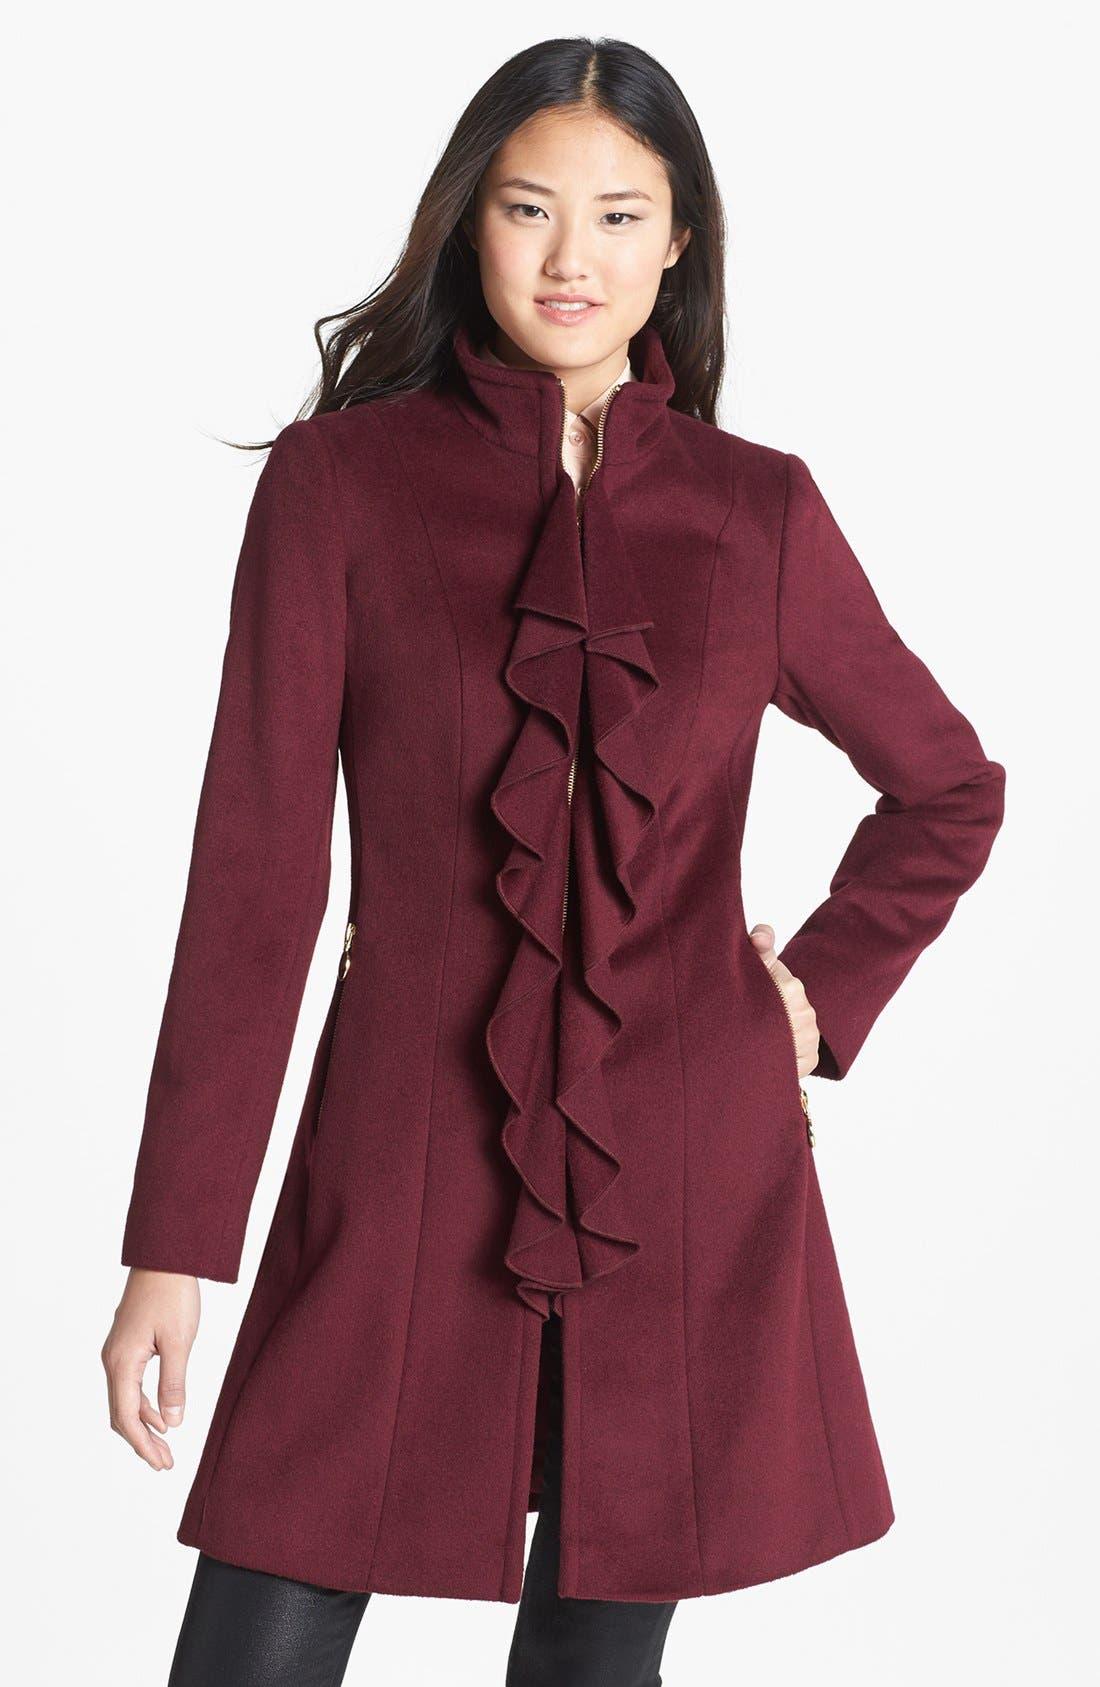 Main Image - T Tahari 'Kendra' Ruffle Front Walking Coat